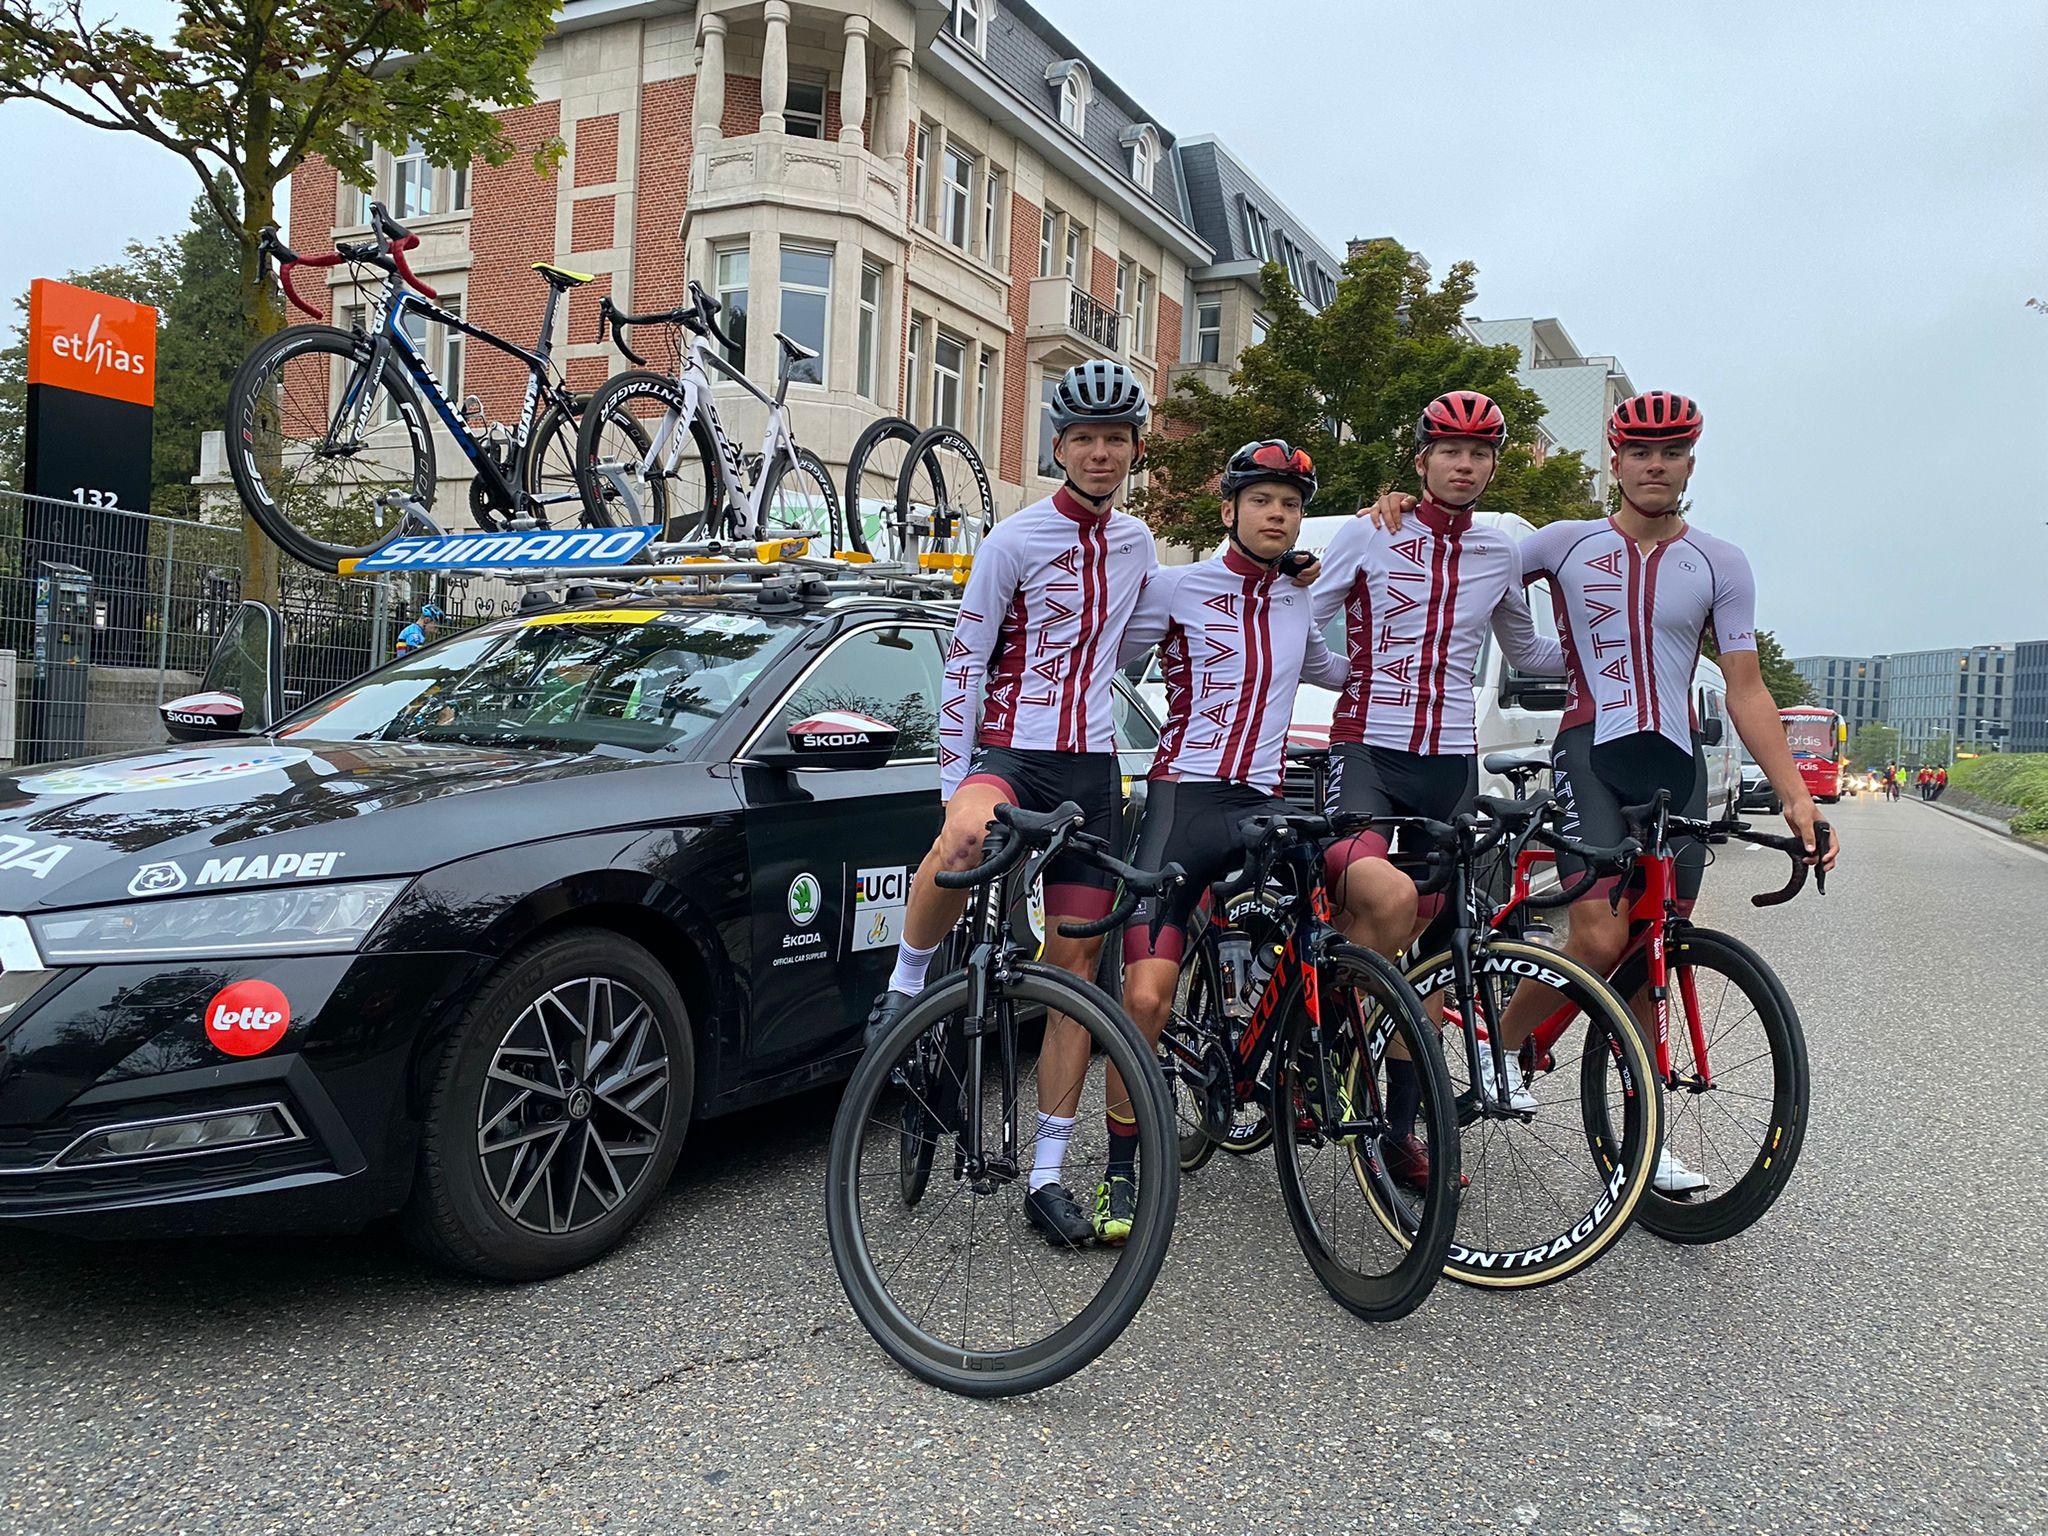 Klismets un Kokle sasniedz finišu pasaules čempionātā grupas braucienā junioriem